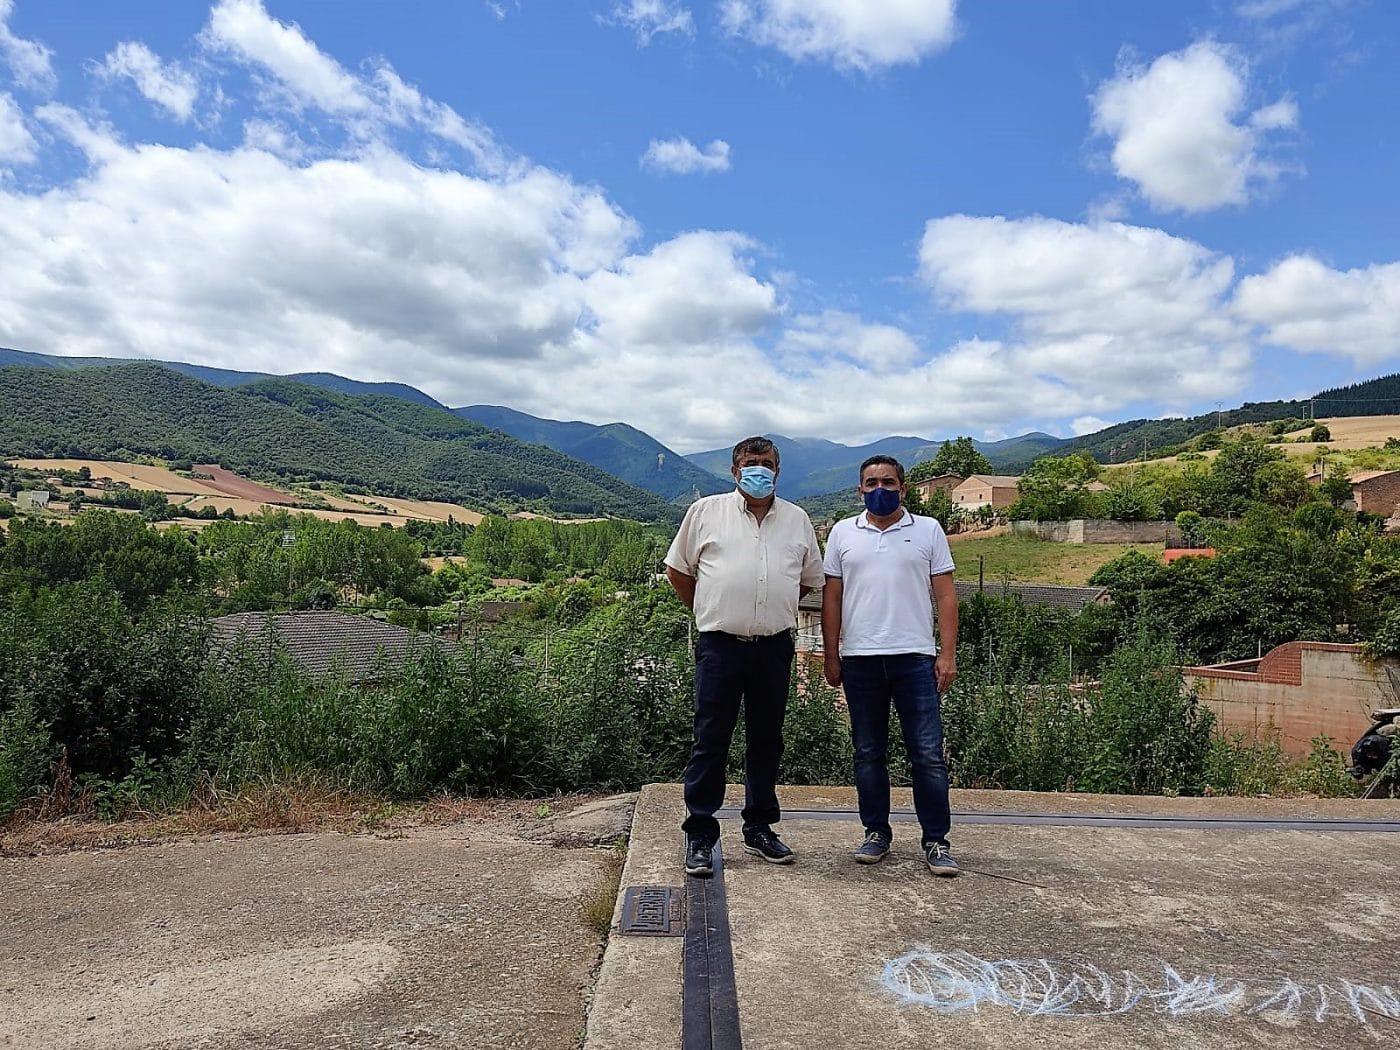 El Gobierno riojano invierte 560.000 euros en Berceo, San Millán, Estollo, Cirueña y Villarejo 4